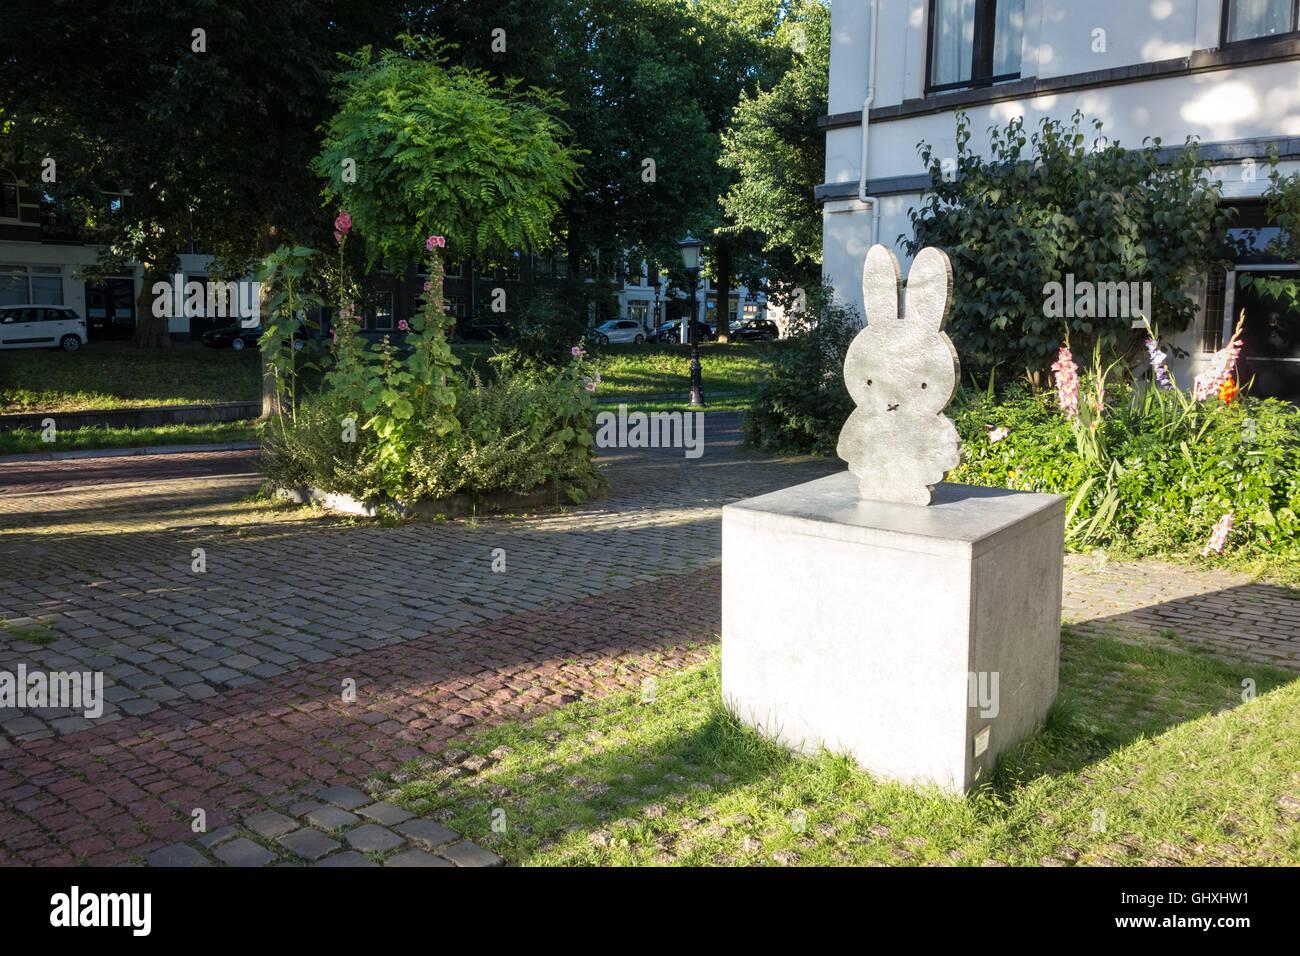 https://c7.alamy.com/comp/GHXHW1/miffy-square-dutchnijntje-pleintje-utrecht-the-netherlands-miffy-is-GHXHW1.jpg